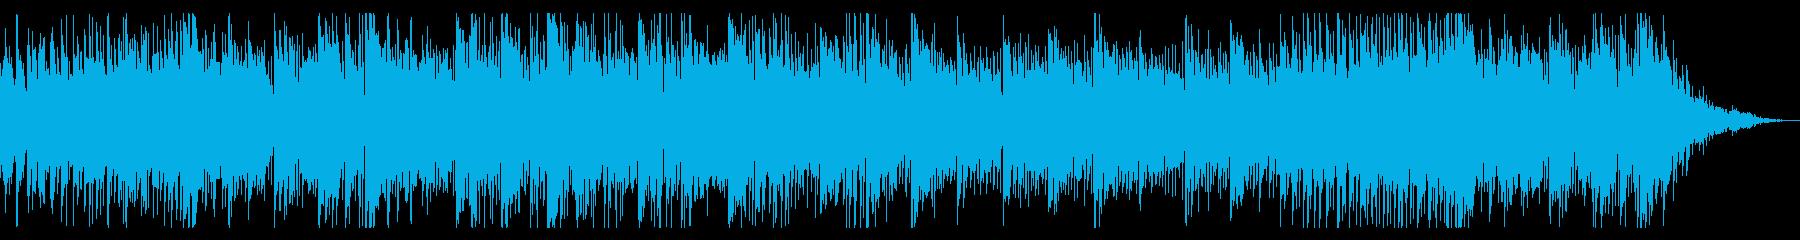 生録音ギターによるオーガニック楽曲の再生済みの波形